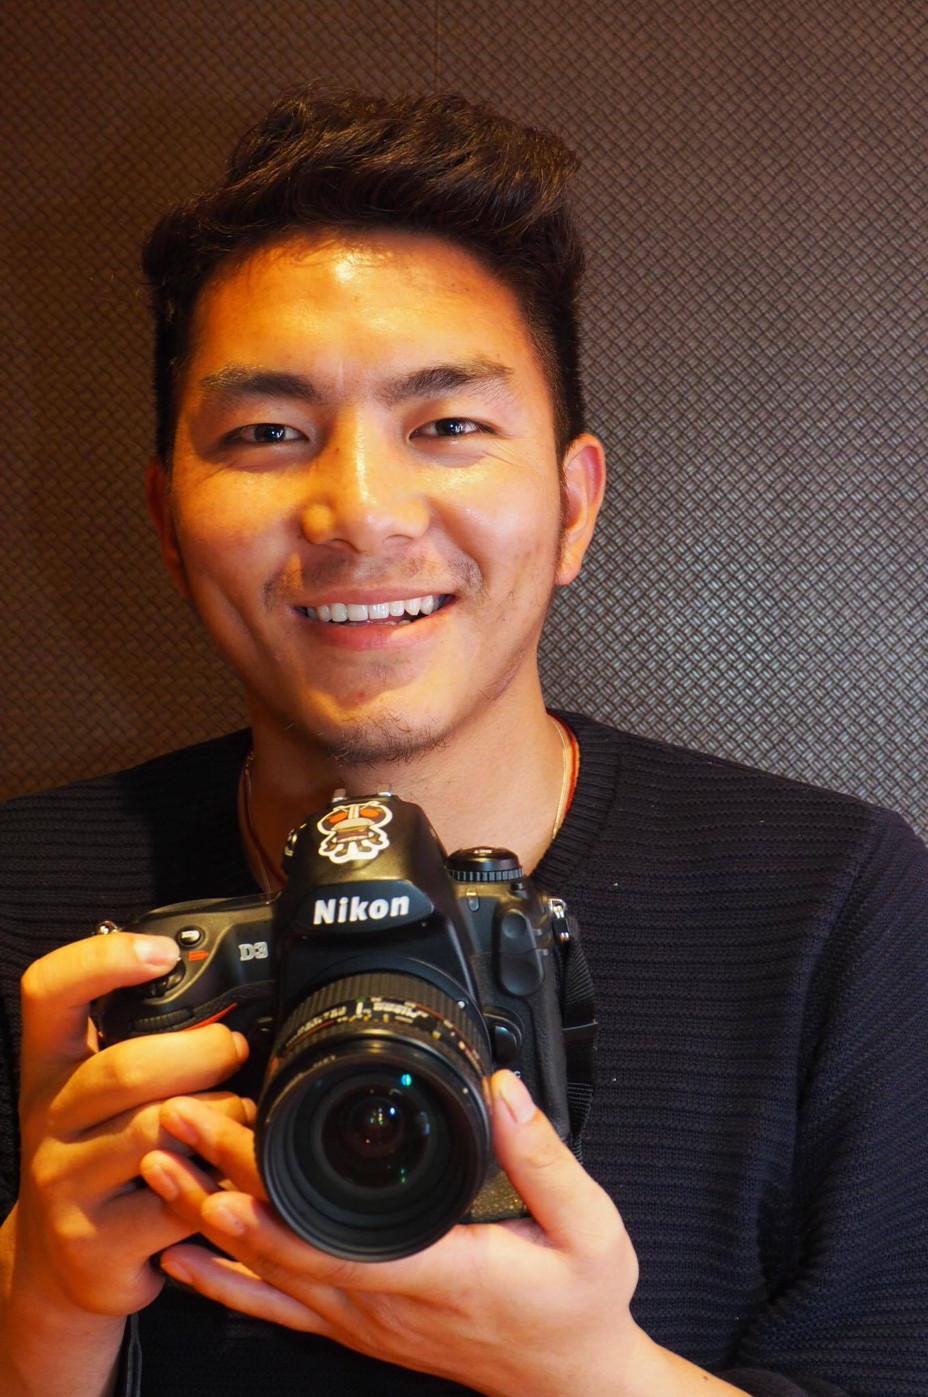 ご報告! ブータンの教え子がカメラを手にできました